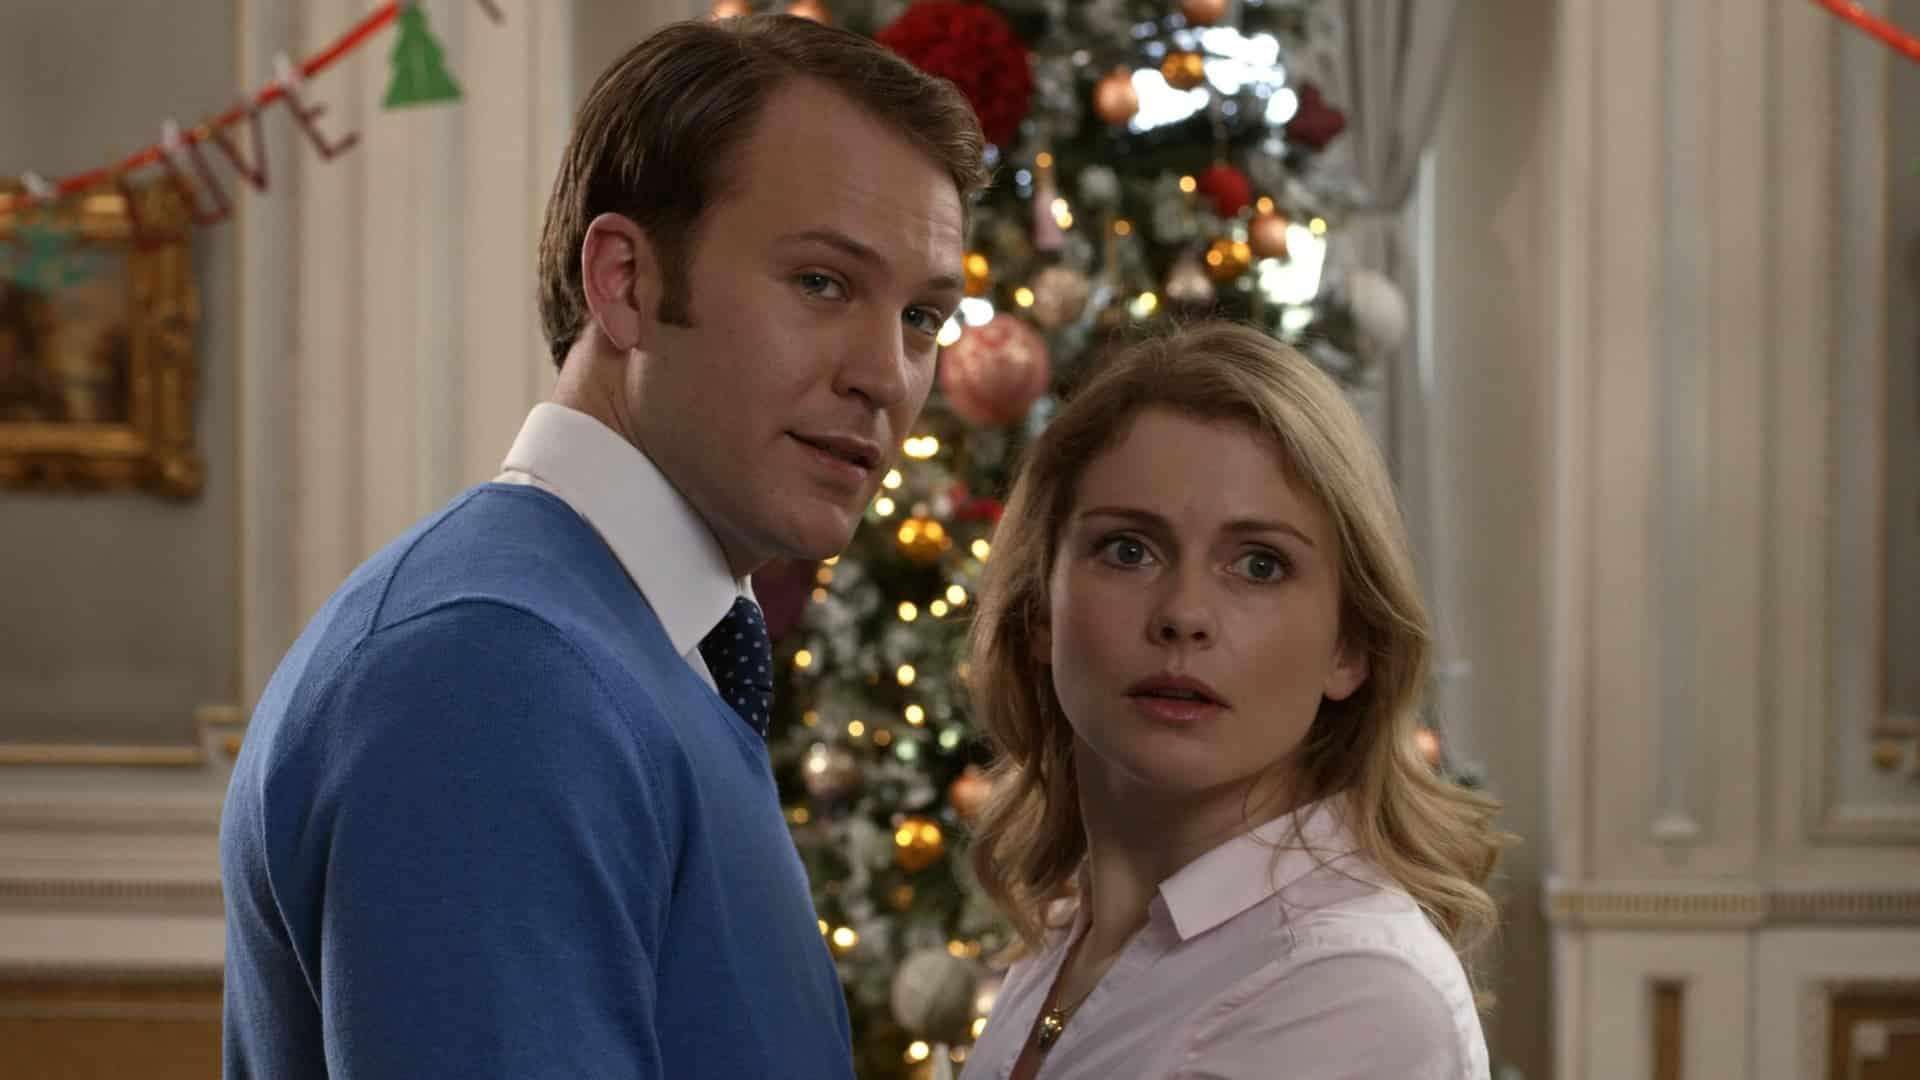 Un principe per Natale: Matrimonio reale: recensione del film Netflix